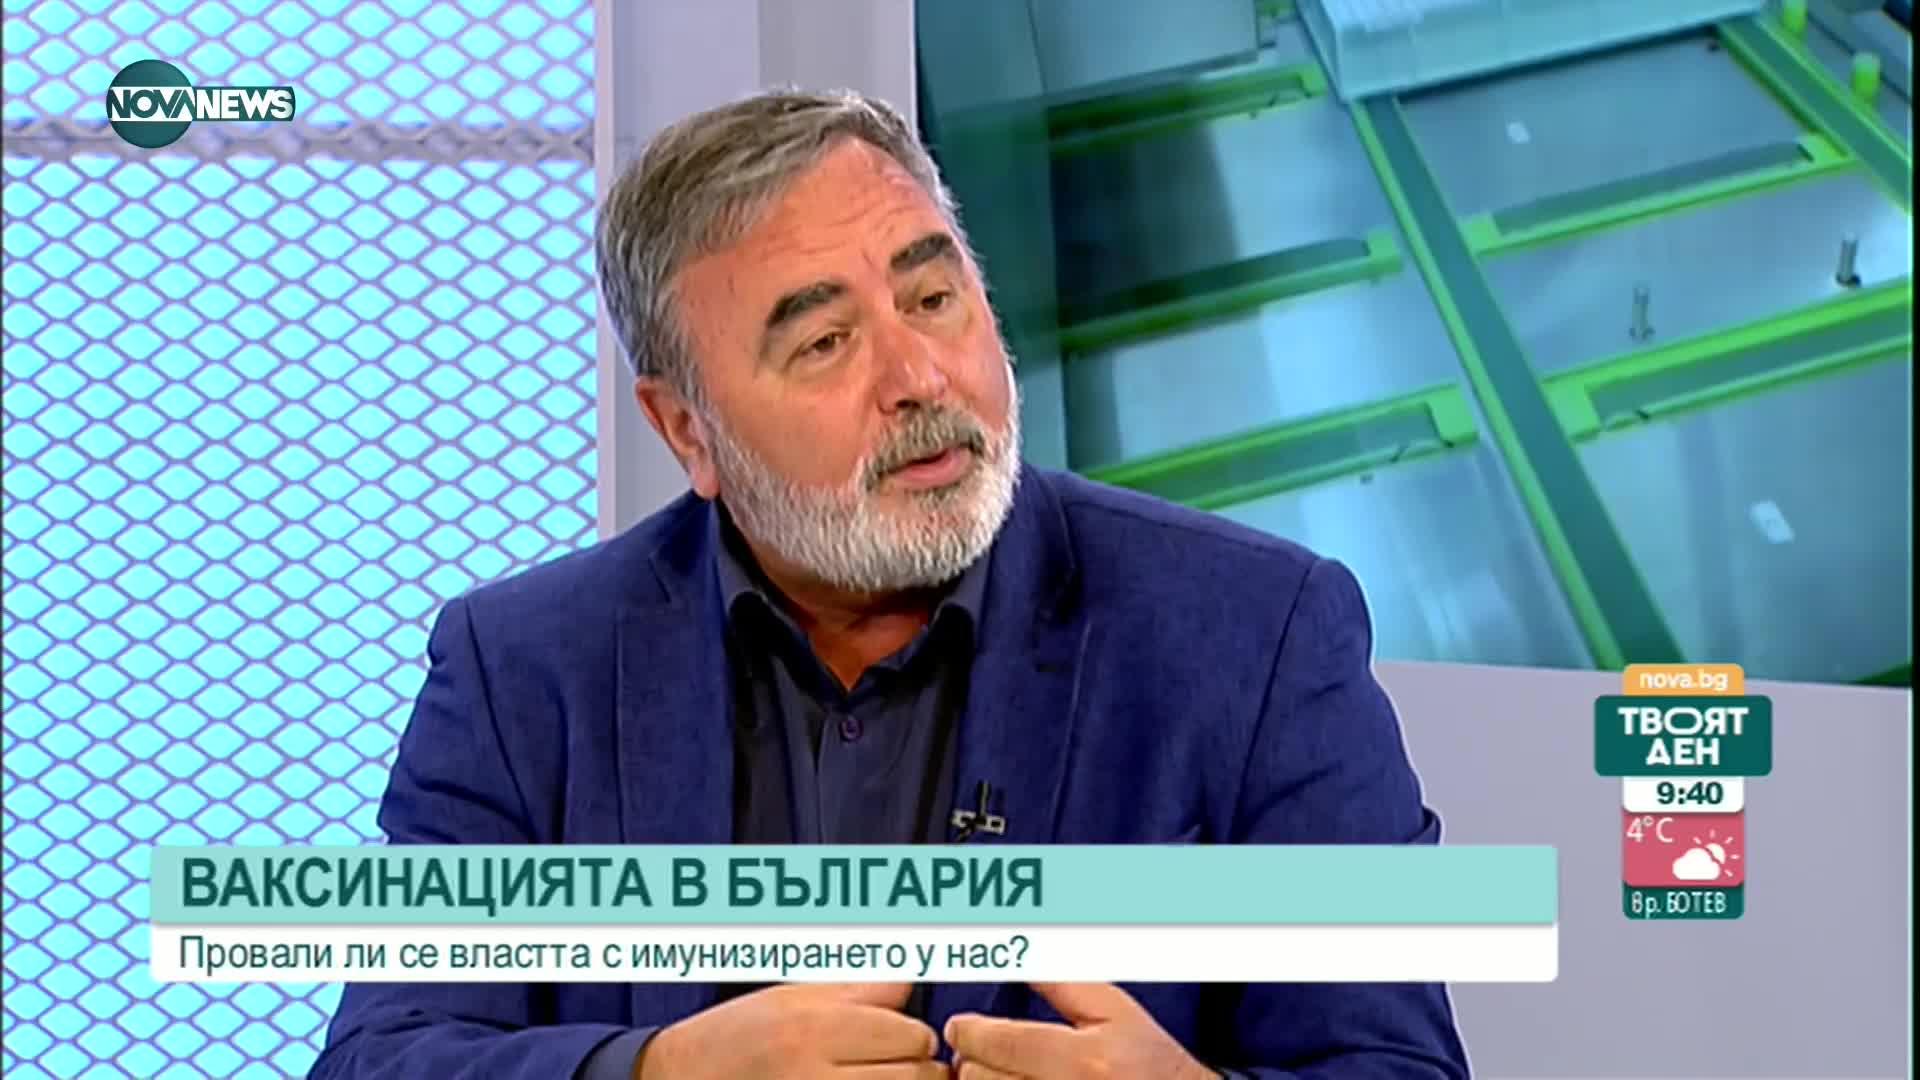 Доц. Кунчев: Предложил съм задължителната ваксина